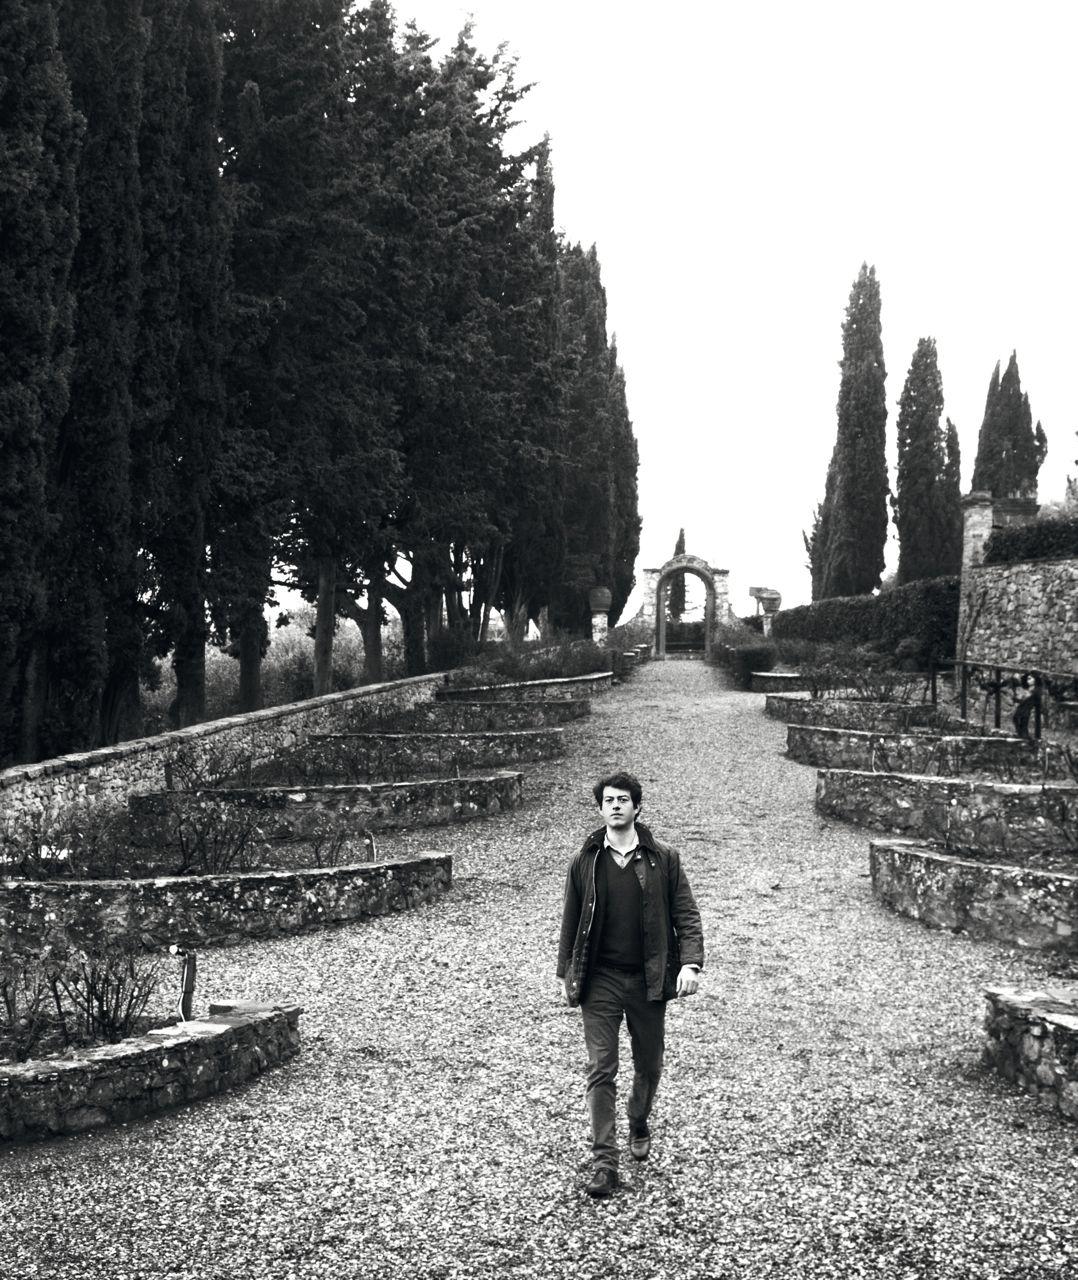 GENTLEMEN_52_GiovanniMazzei